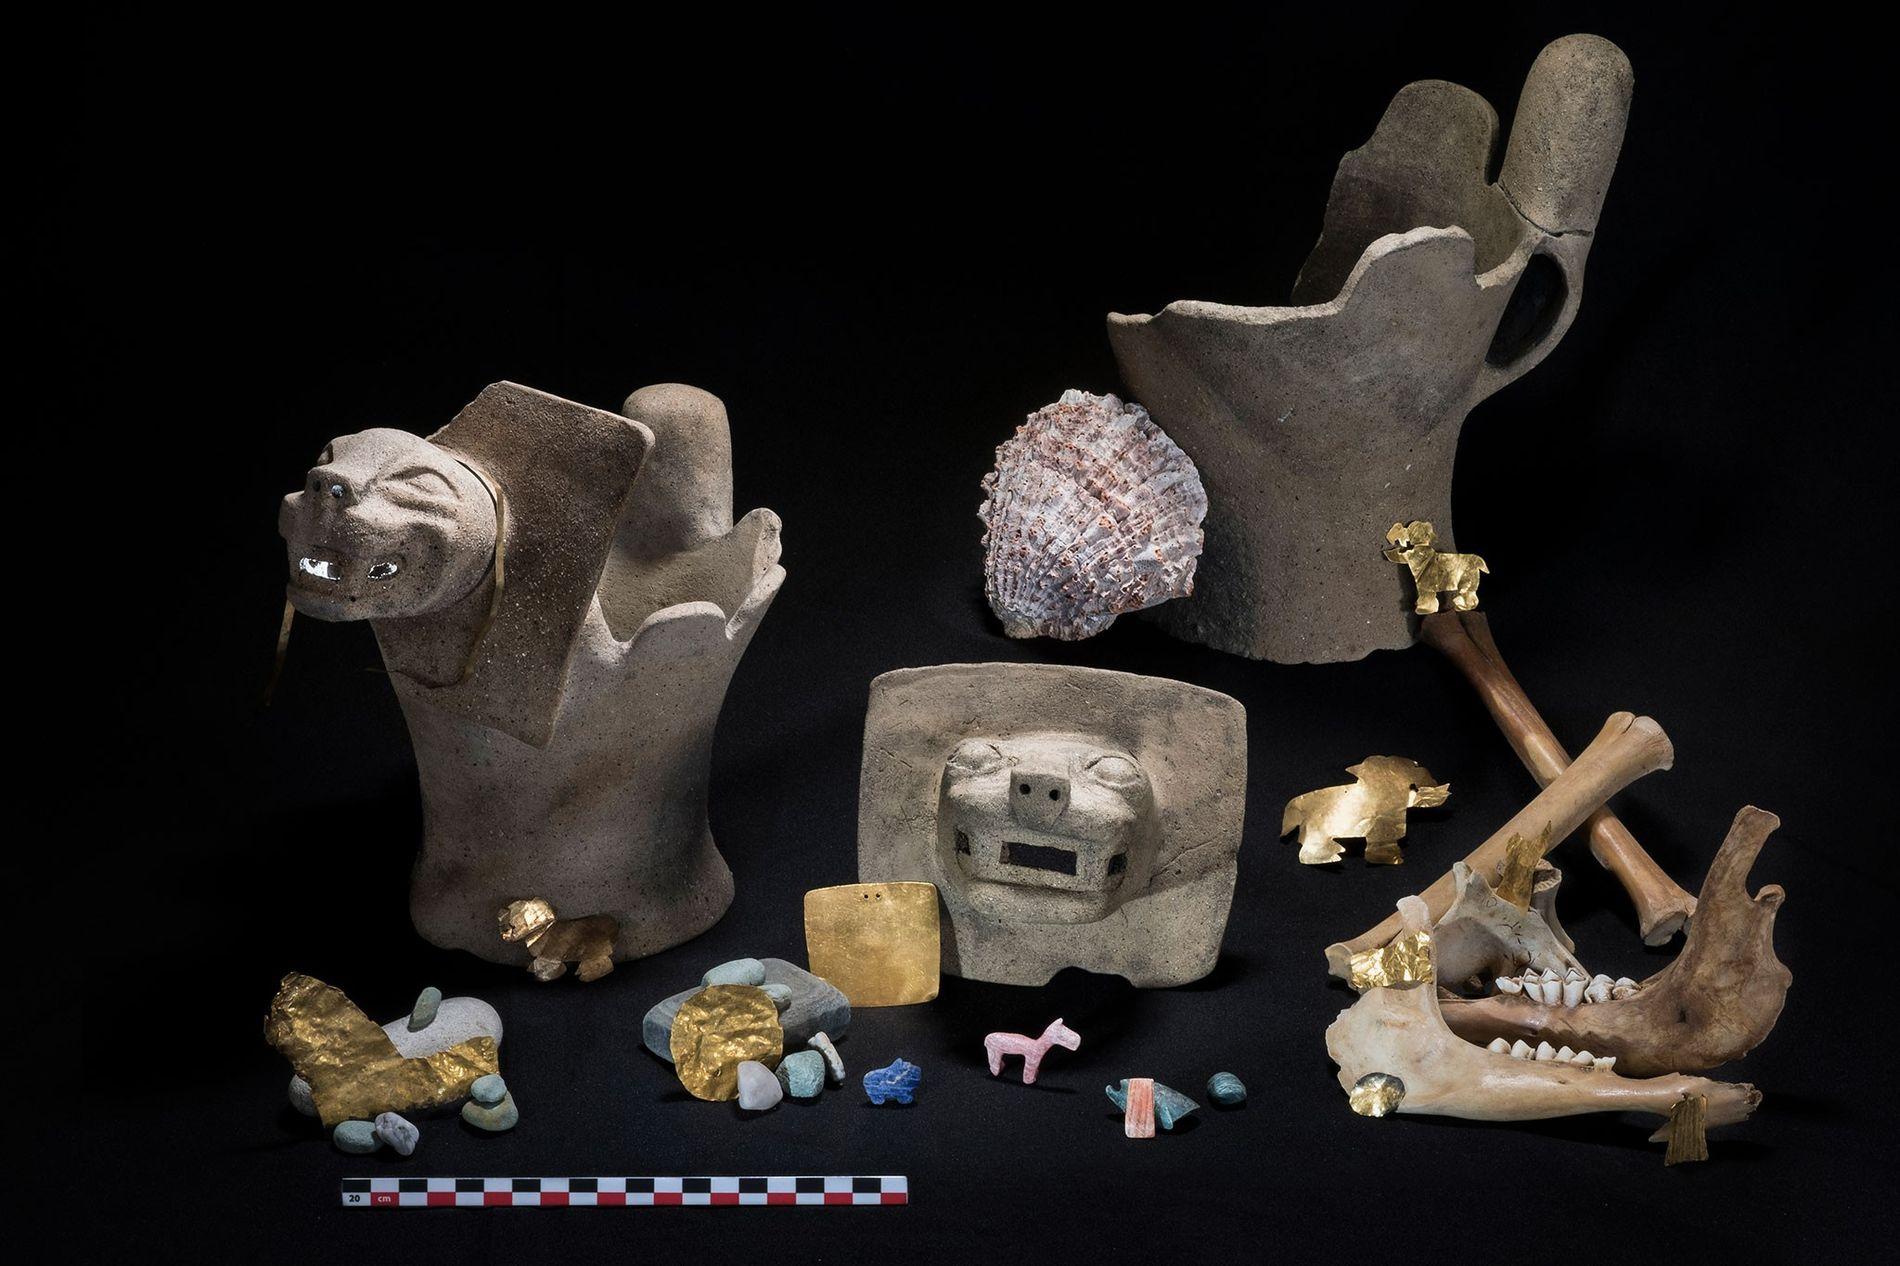 Unter den rituell geopferten Gegenständen befanden sich auch Gold, Halbedelsteine und Räuchergefäße, die mit Pumaköpfen verziert sind.